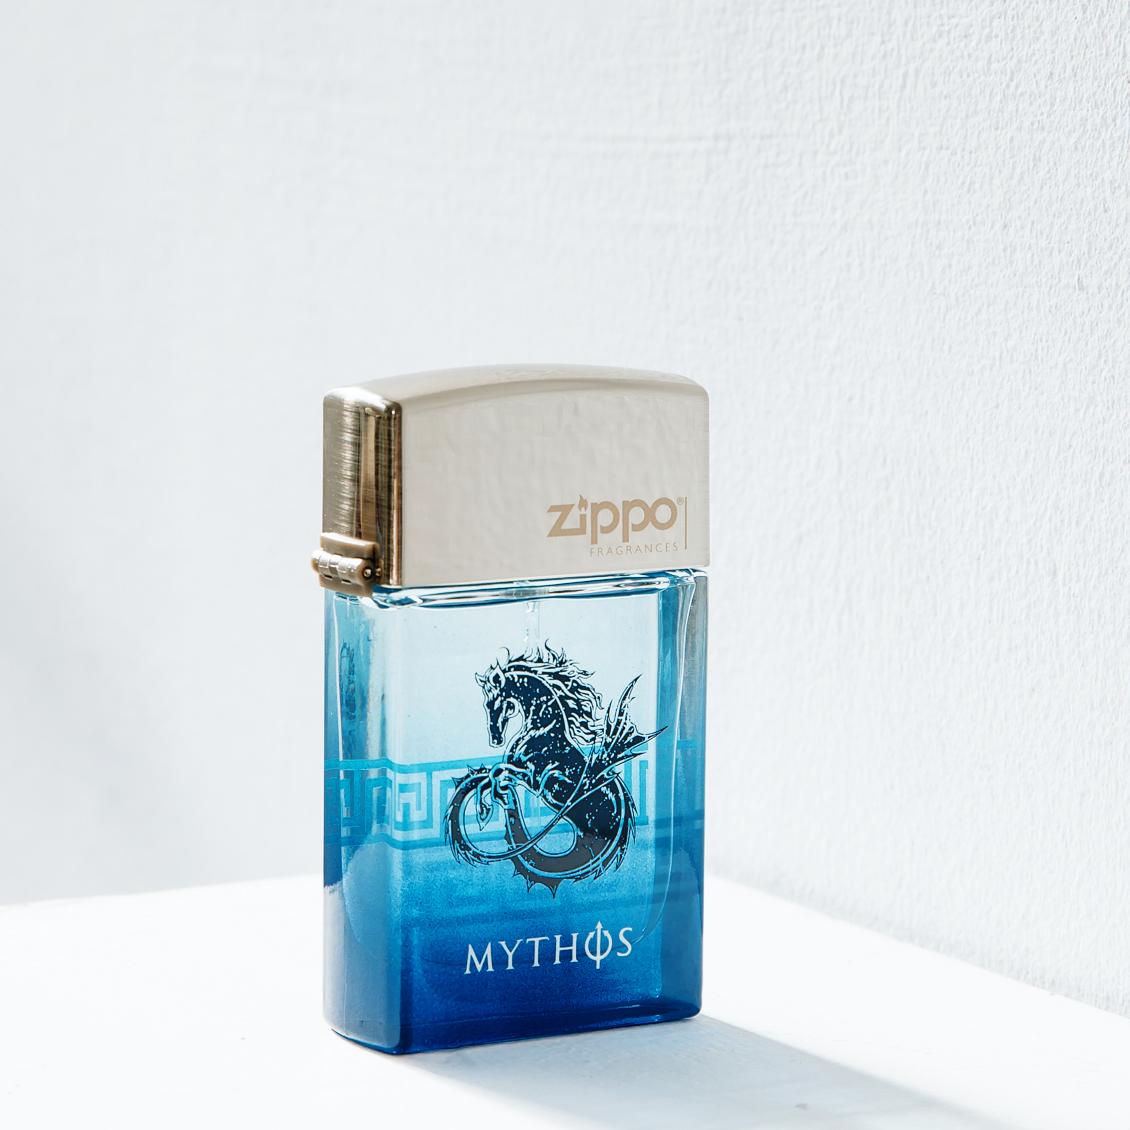 <p>ZIPPO戰神點燃男人魅力的火 今年度必須入手的香水就是他</p>